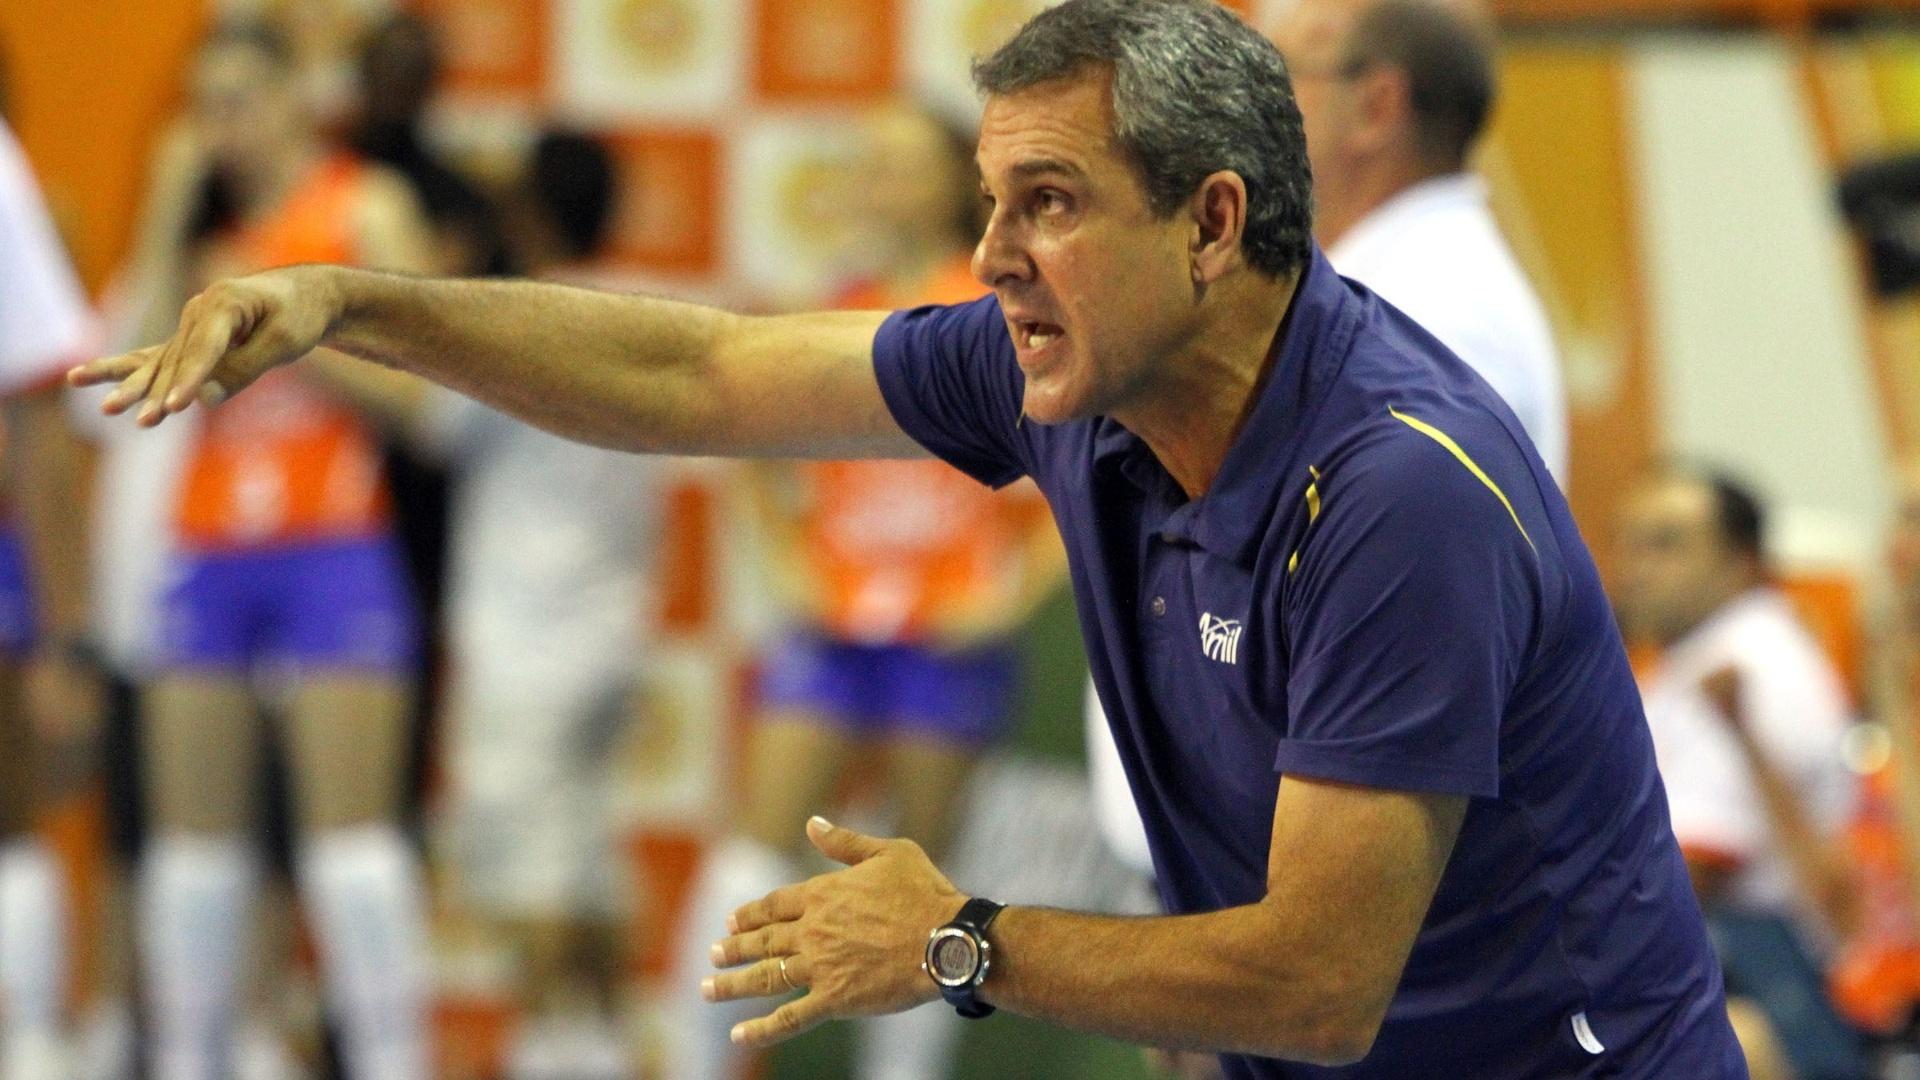 09.mar.2013 - Zé Roberto, técnico do Vôlei Amil, comanda as meninas da equipe na semifinal da Superliga, contra o Sollys/Nestlé